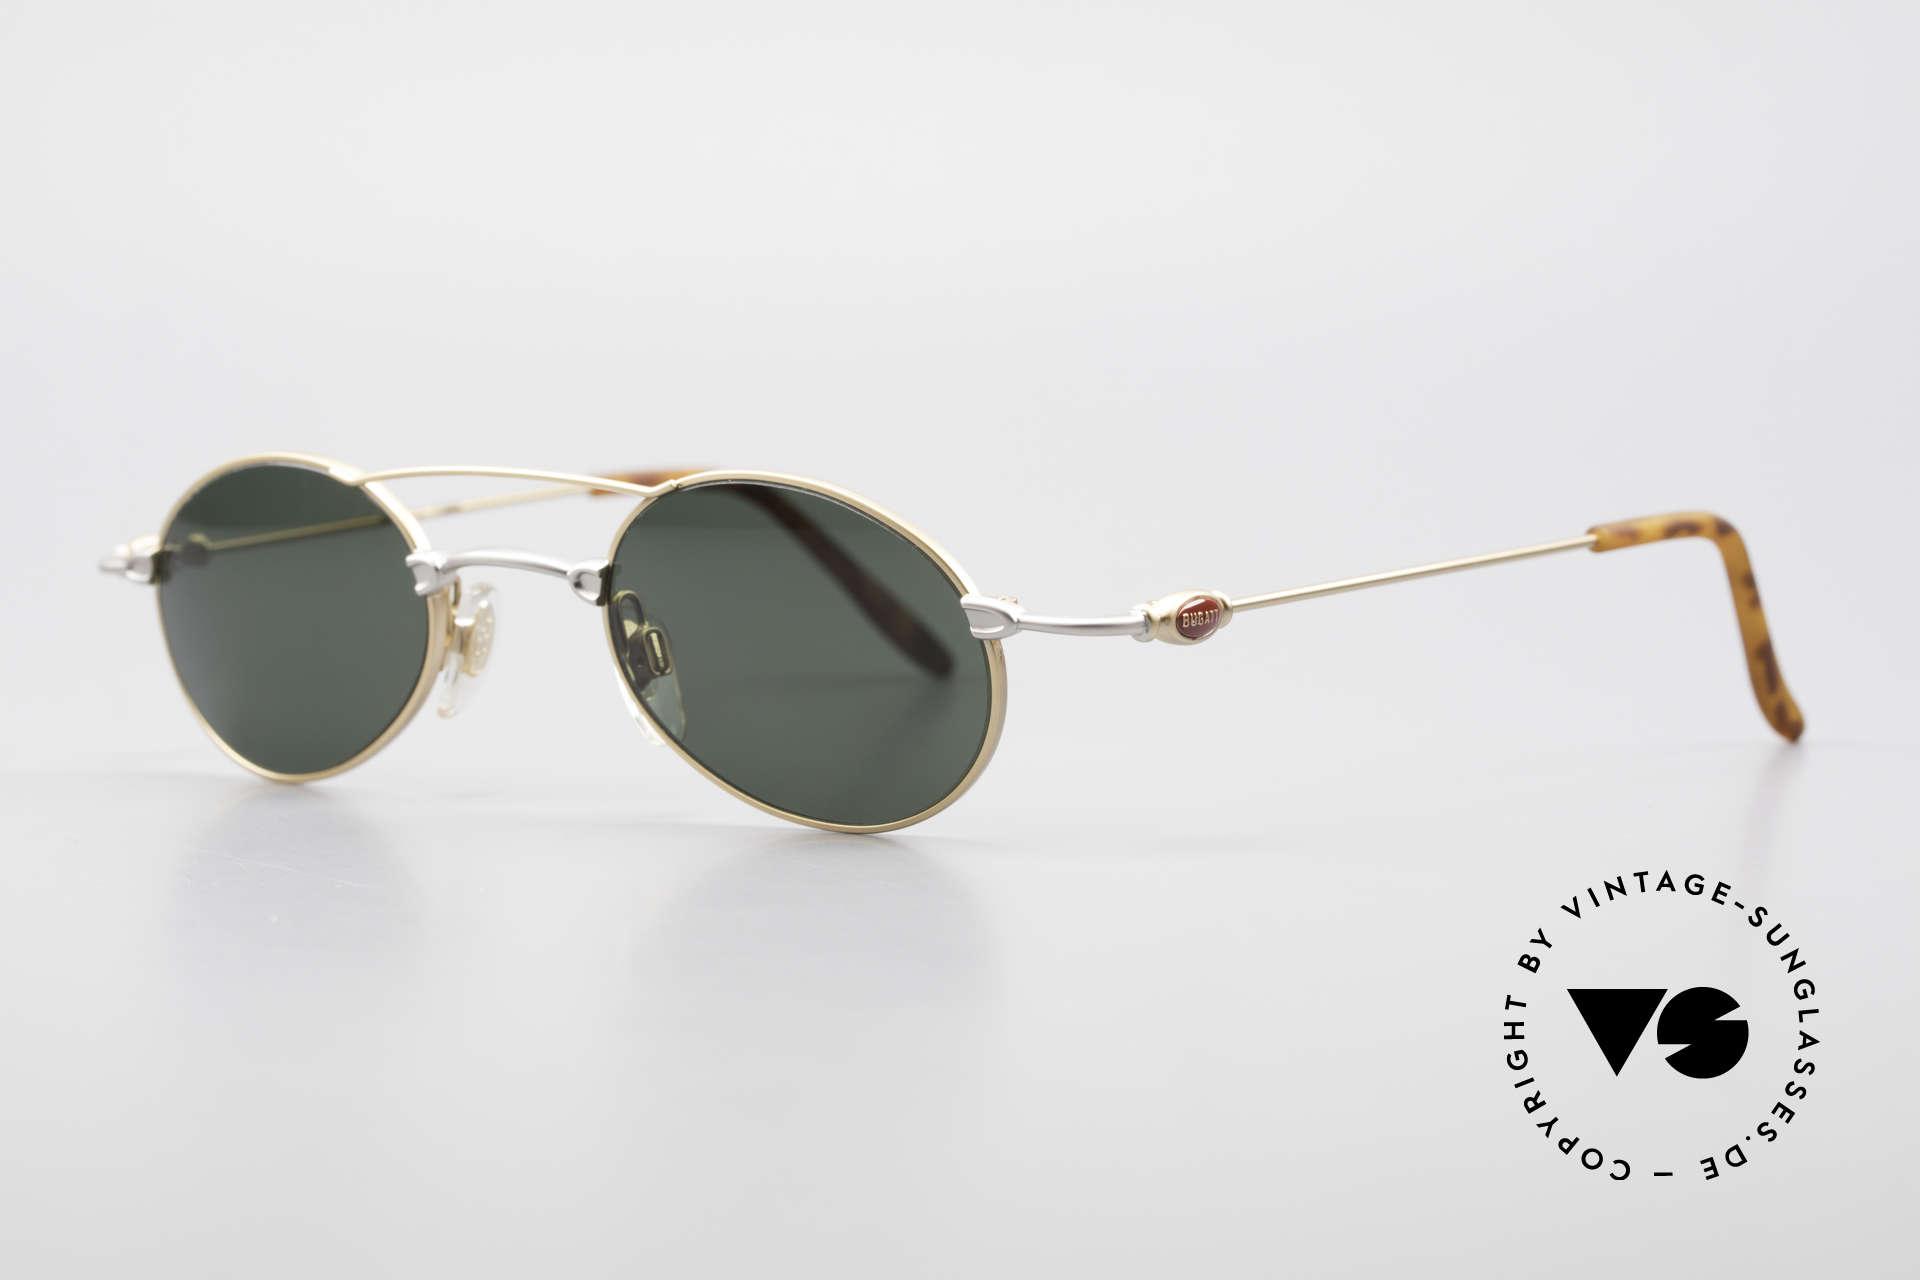 Bugatti 10868 90er Luxus Sonnenbrille Men, klassische, zeitlose Brillenform (Gentlemen's Fassung), Passend für Herren